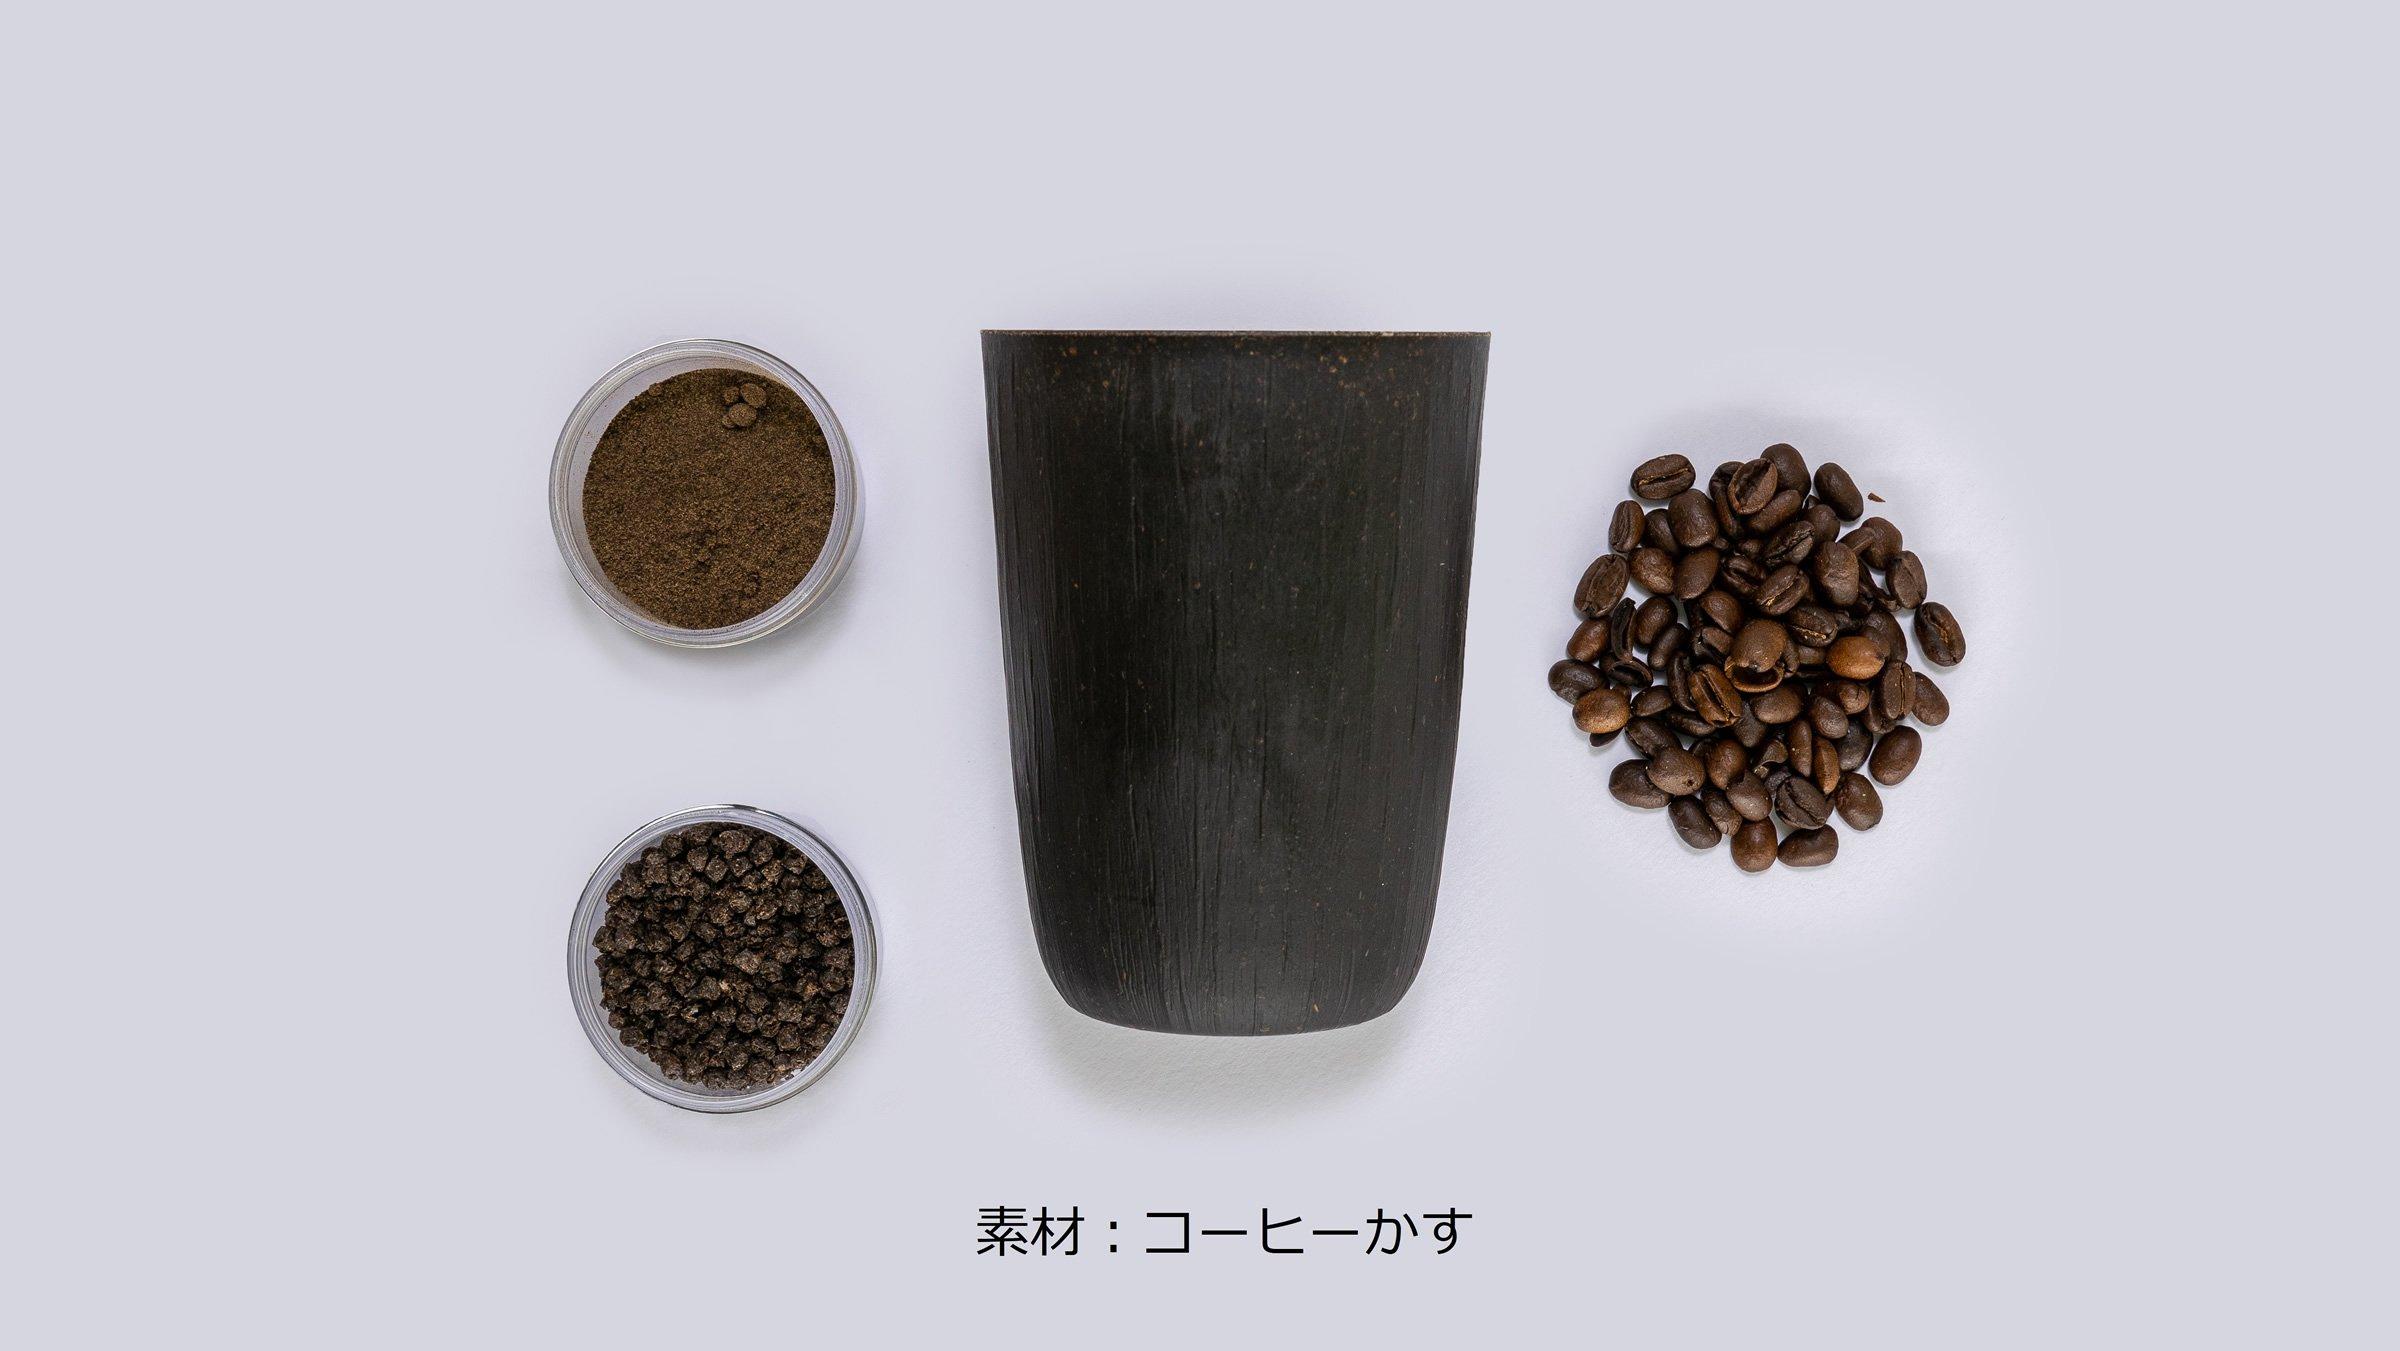 写真:セルロースファイバーを採用したリユースカップ(素材:コーヒーかす)